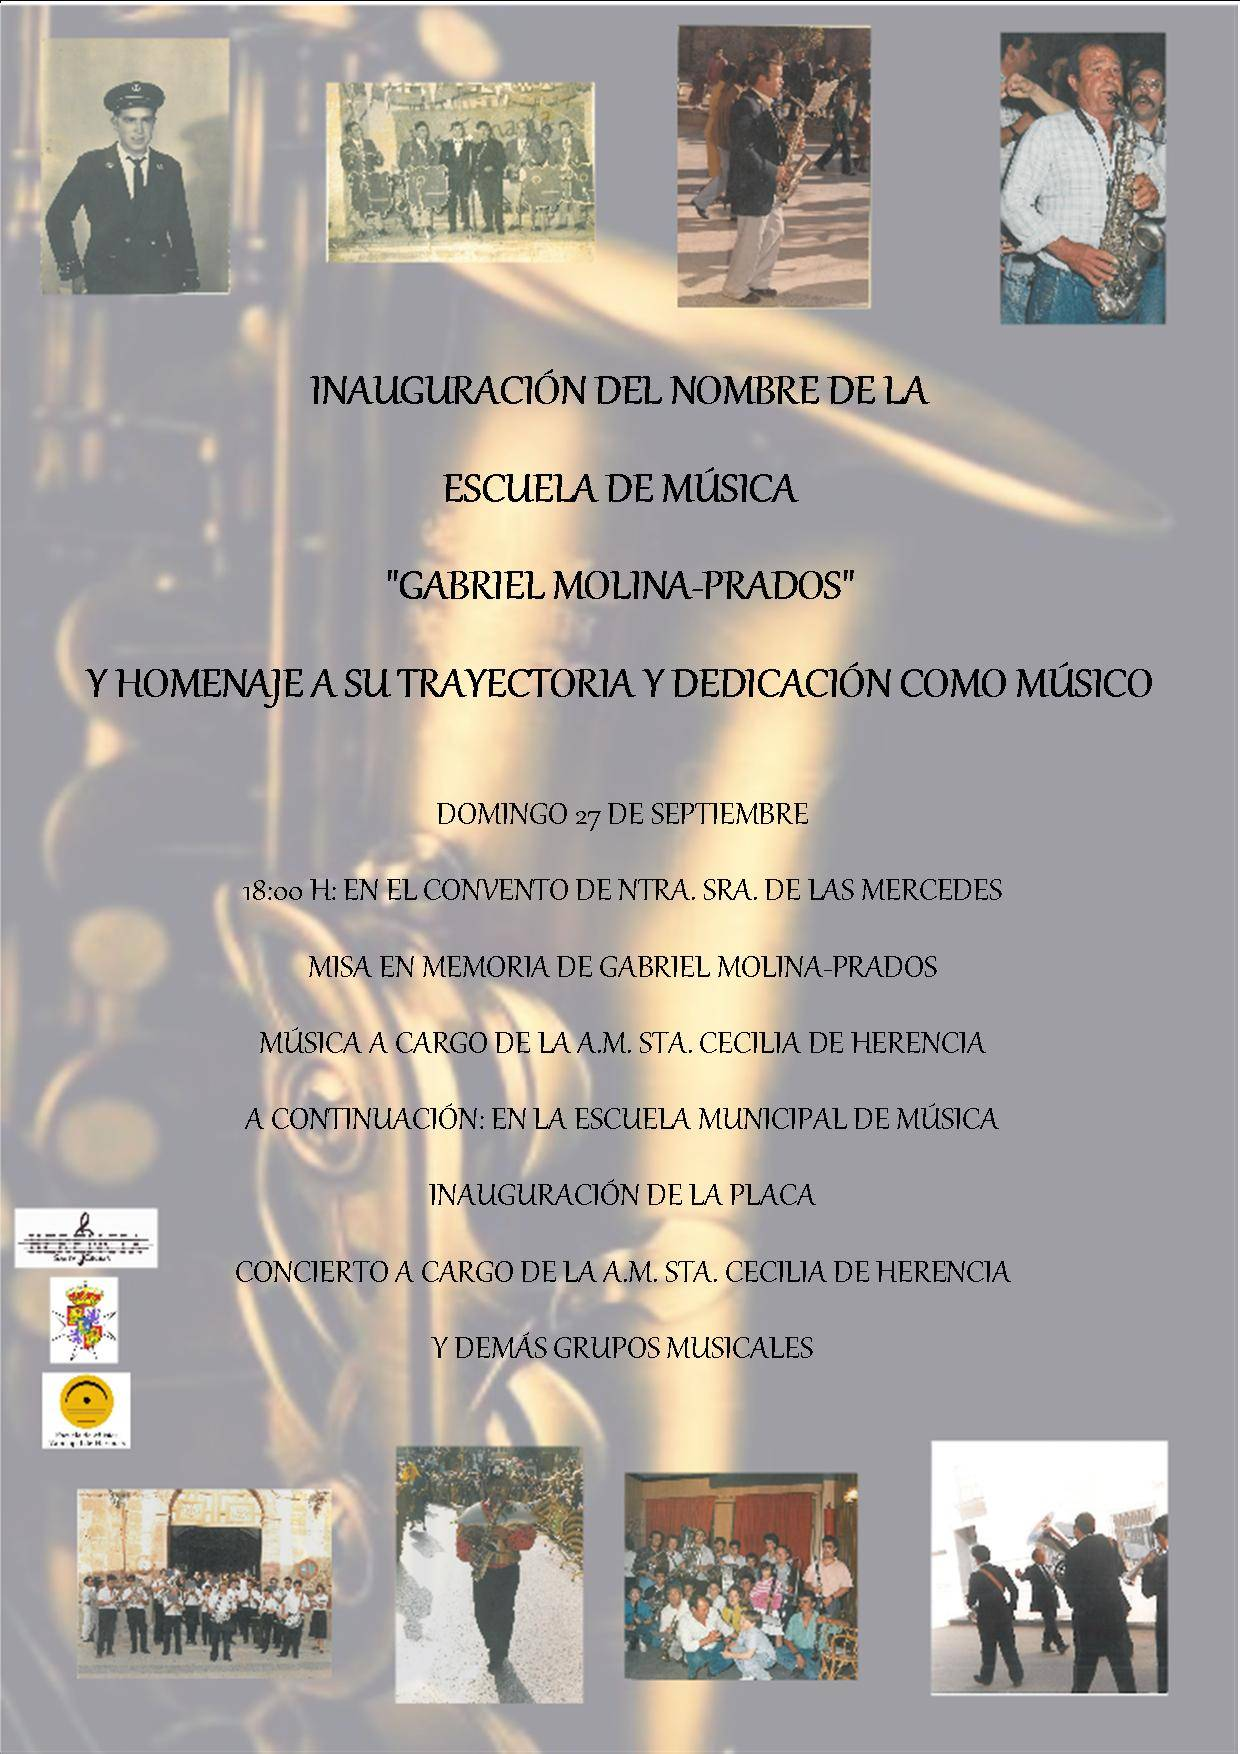 Inauguración del nombre de la escuela de música de Herencia